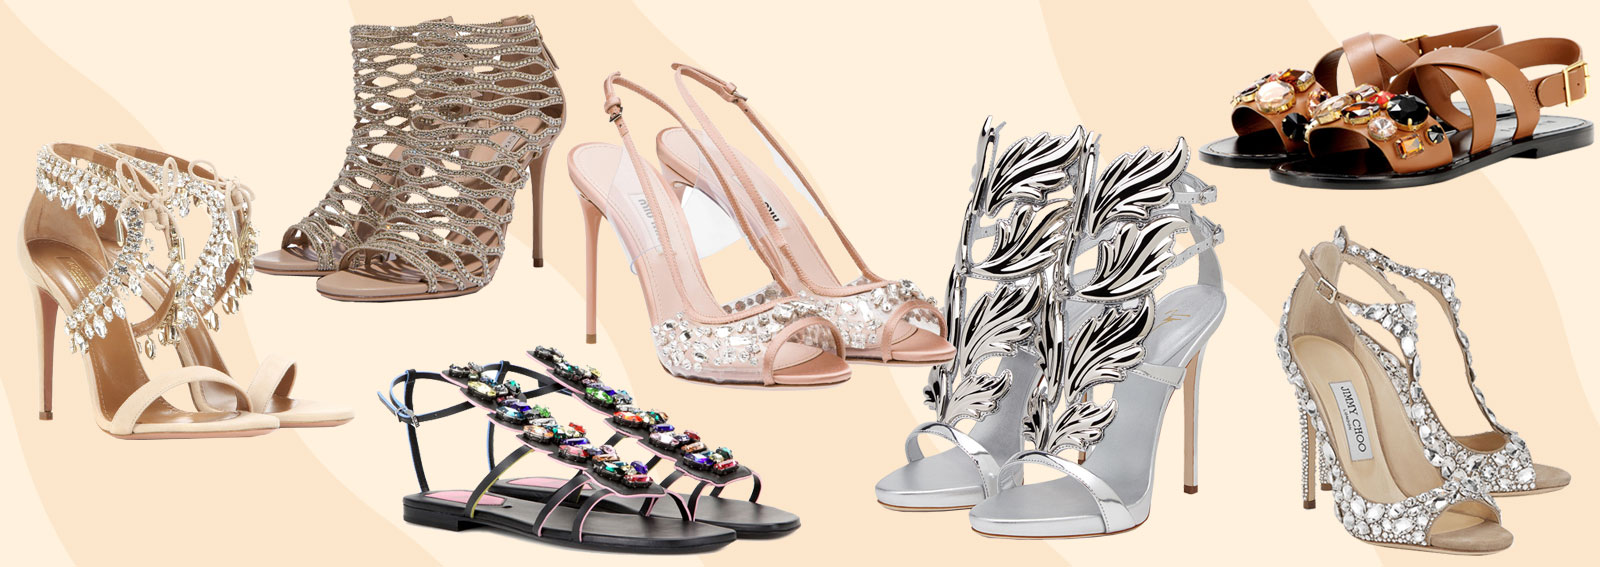 cover sandali gioiello le versioni più scintillanti dekstop